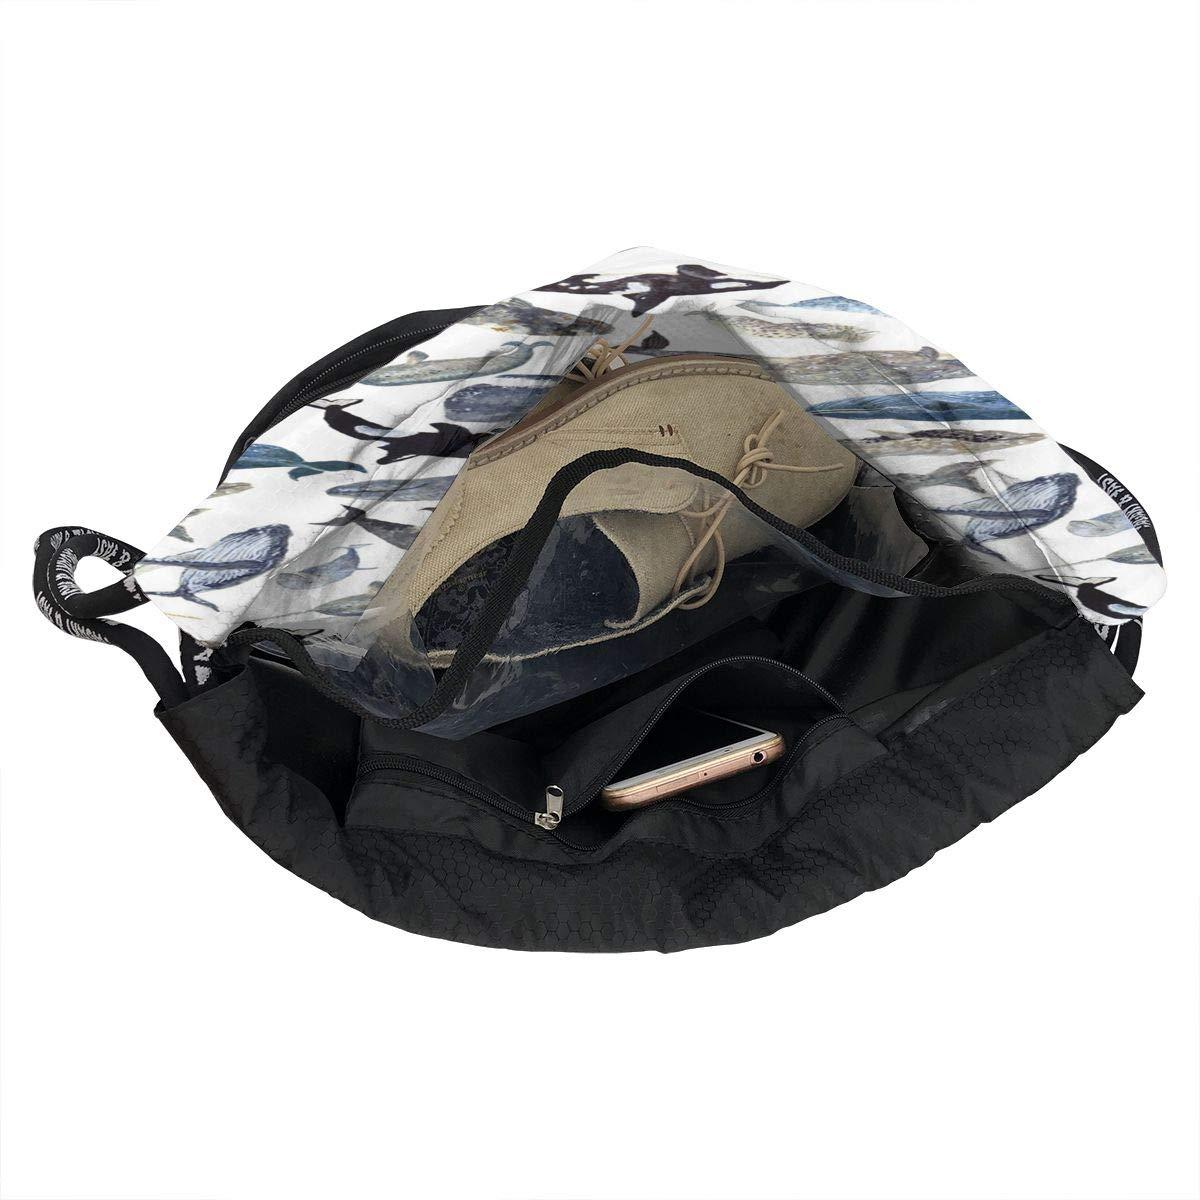 HUOPR5Q Whales Drawstring Backpack Sport Gym Sack Shoulder Bulk Bag Dance Bag for School Travel